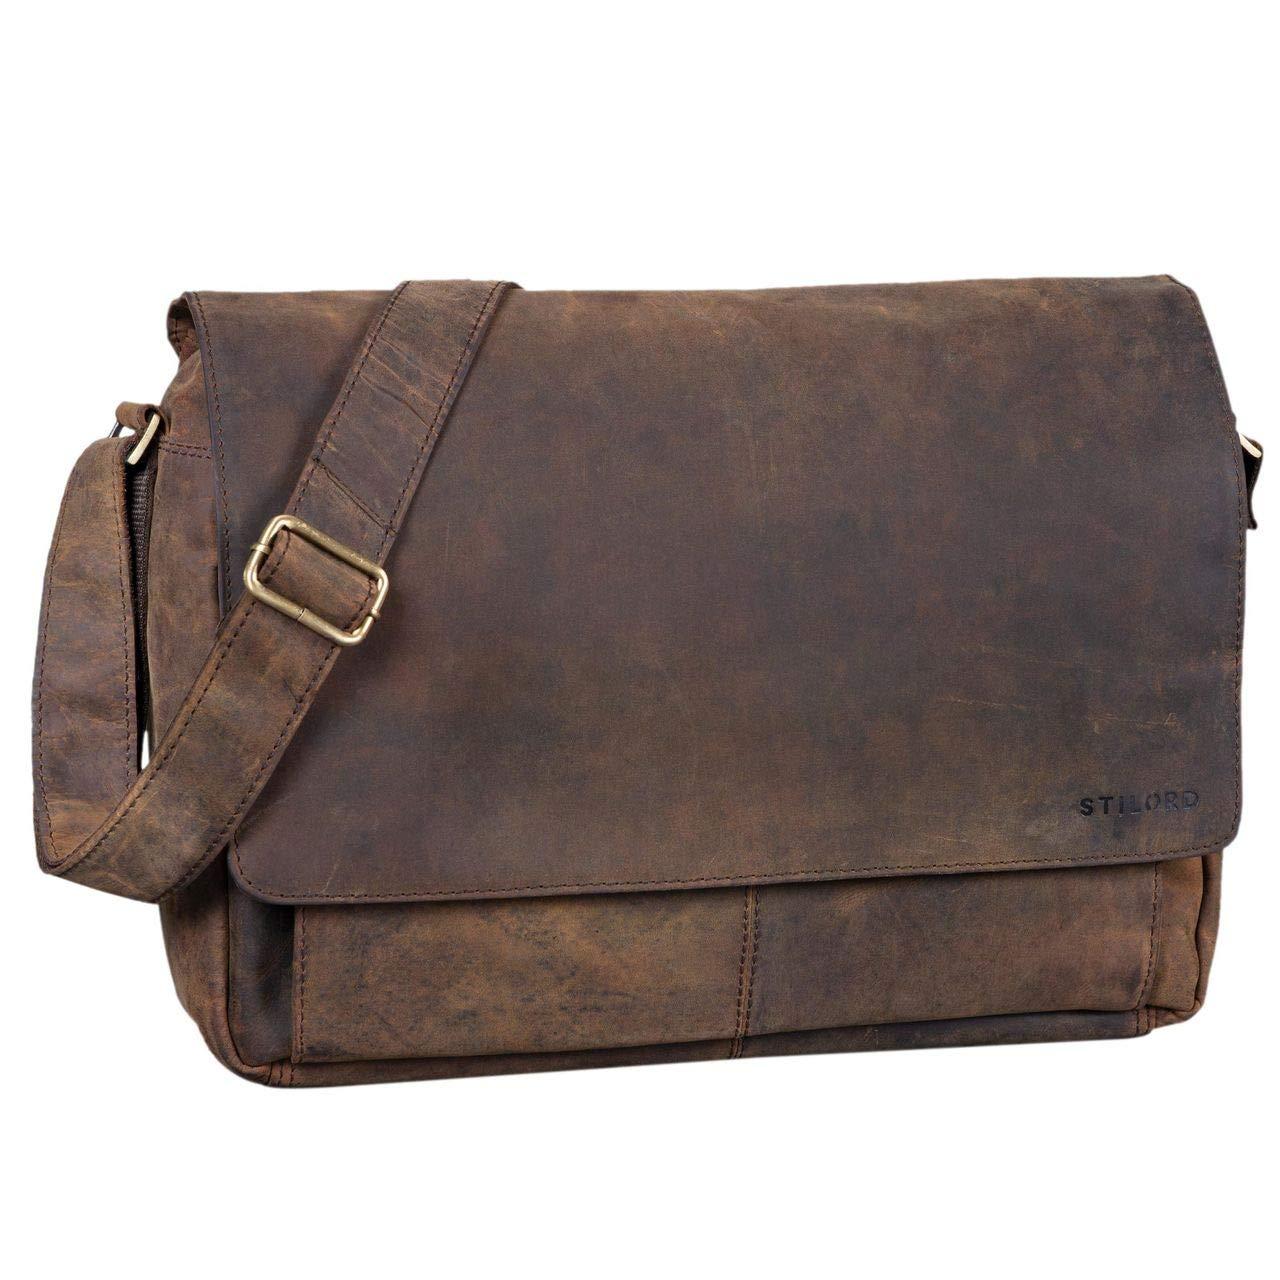 STILORD 'Lonzo' Vintage Umhängetasche echtes Büffel-Leder Messenger Bag für Herren und Damen Unitasche Büro Business Studium Leder, Farbe:antik - braun